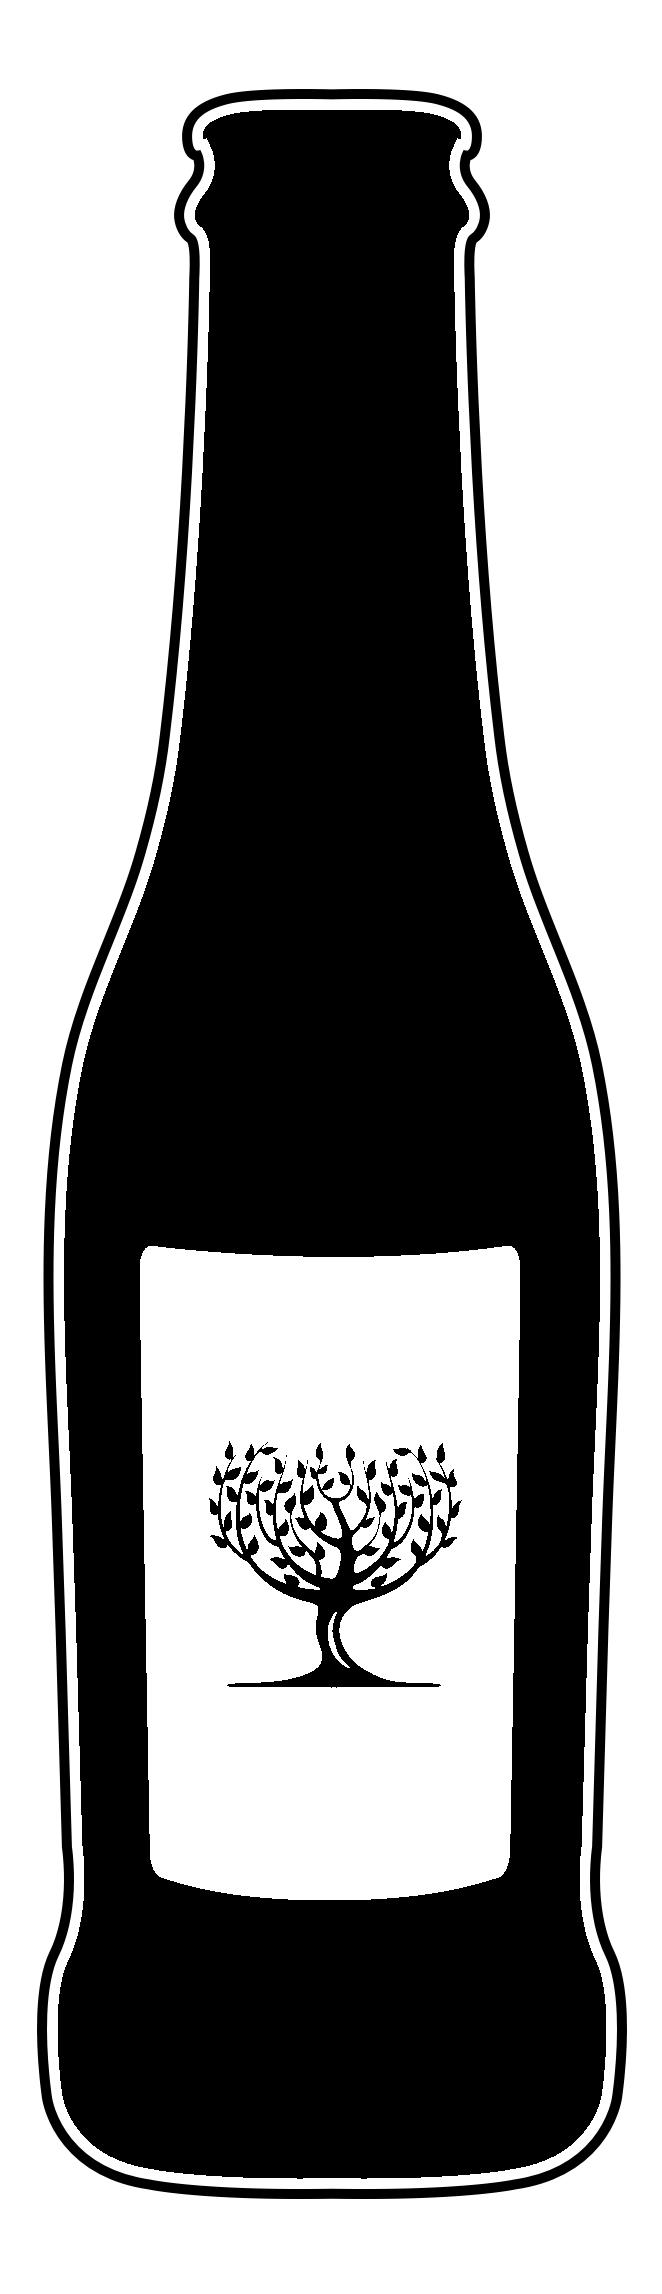 bottle animation